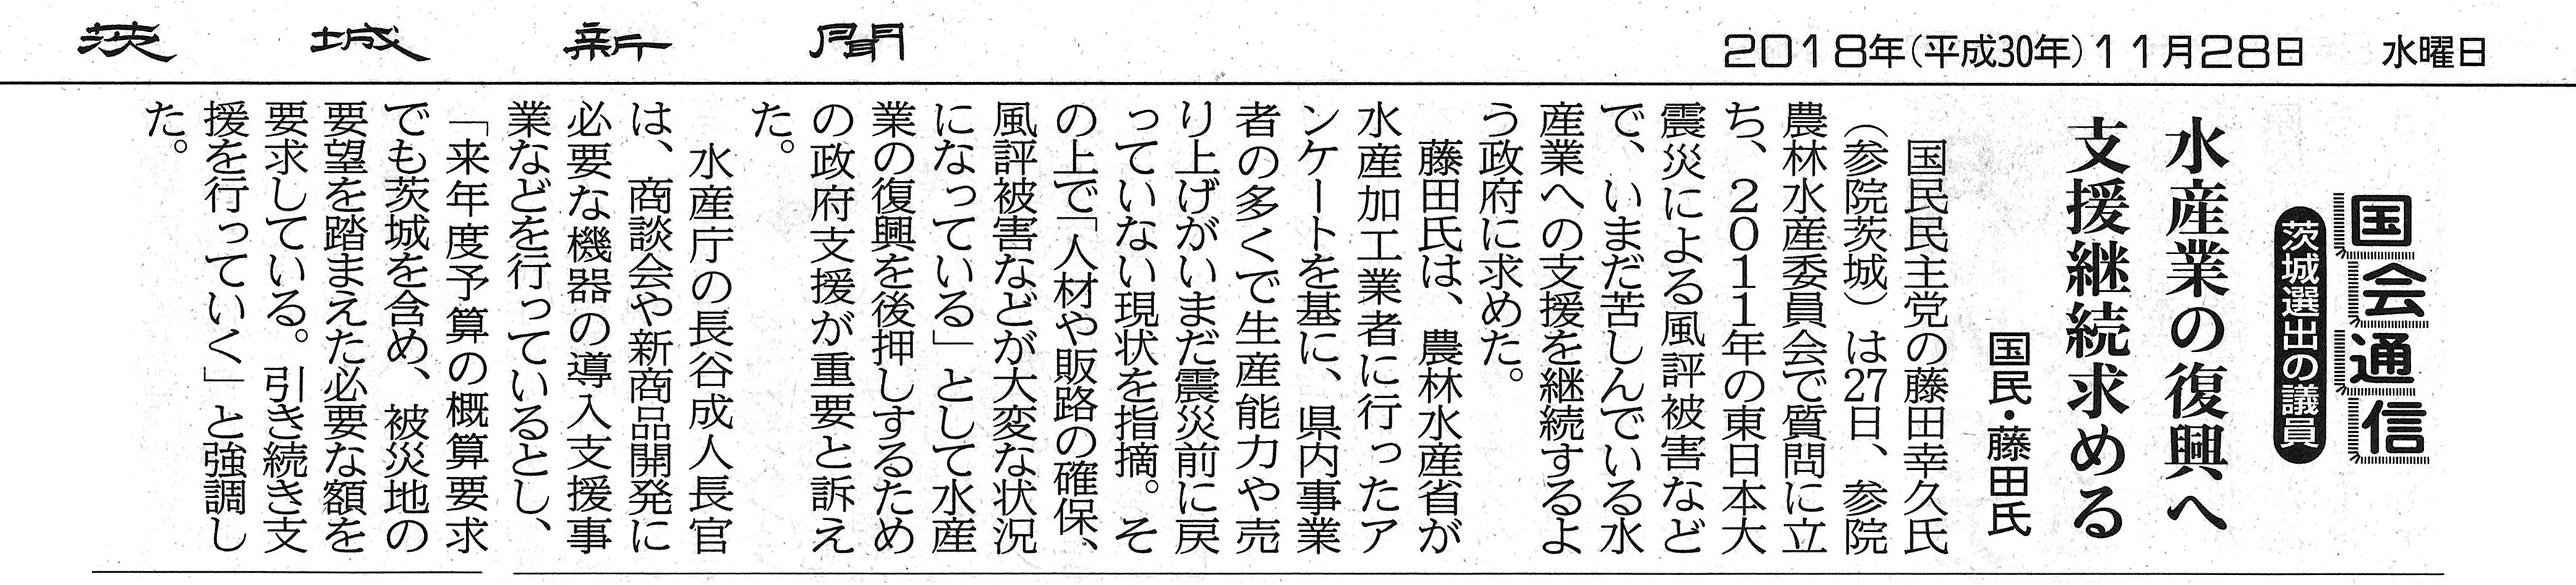 【茨城新聞】国会通信 水産業の復興へ 支援継続求める